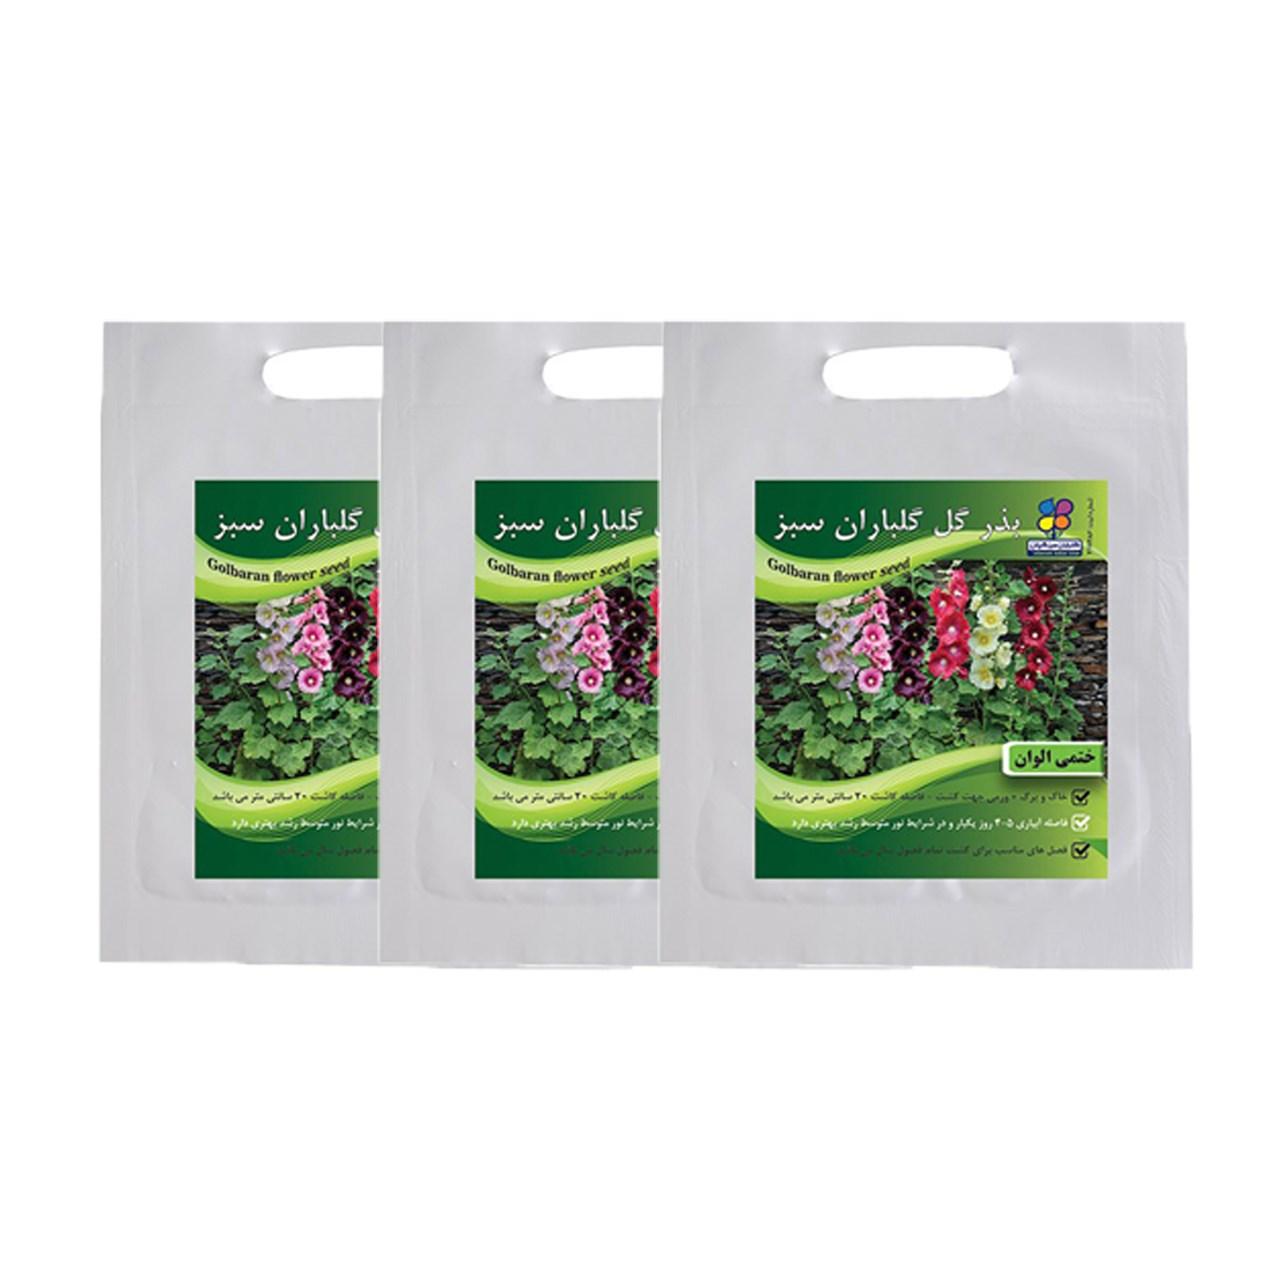 مجموعه بذر گل ختمی الوان گلباران سبز بسته 3 عددی